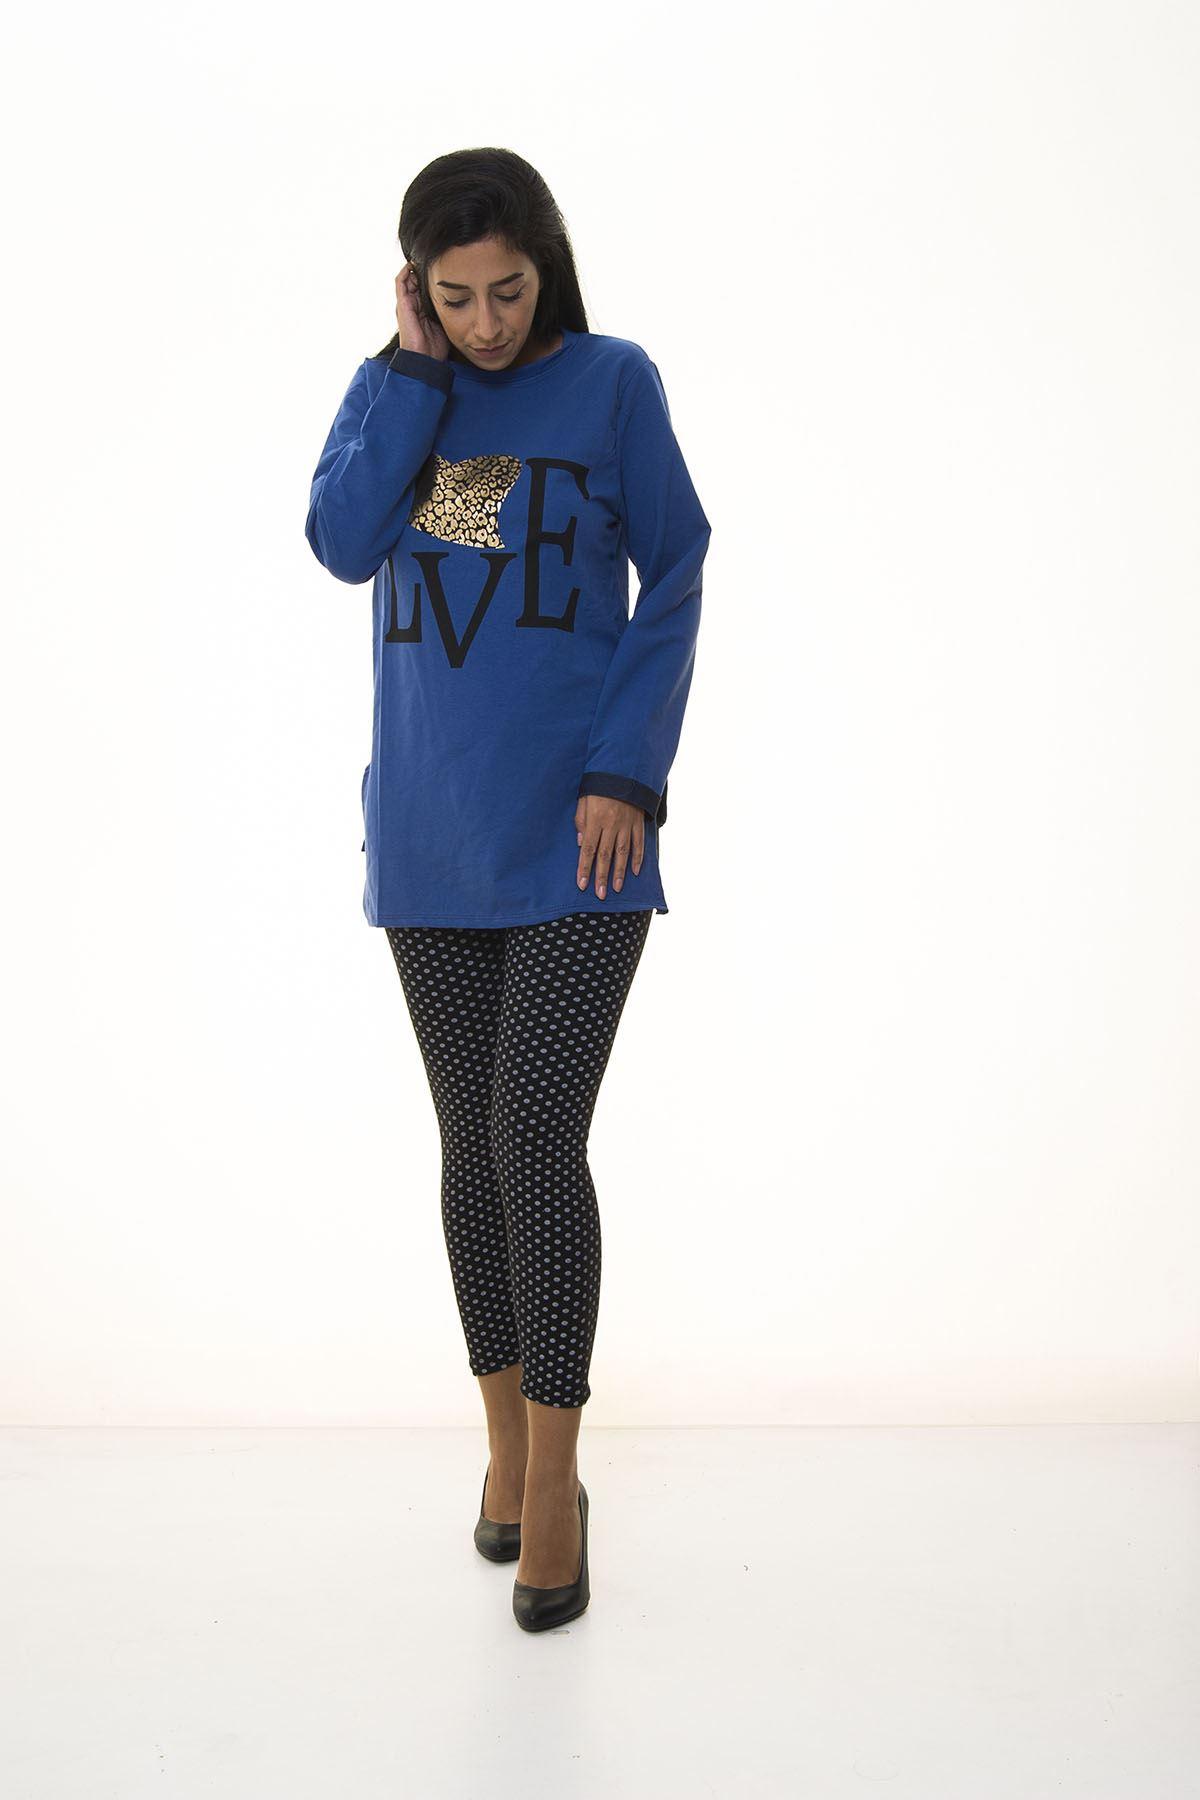 Kadın Mavi Sweatshirt 4D-1090